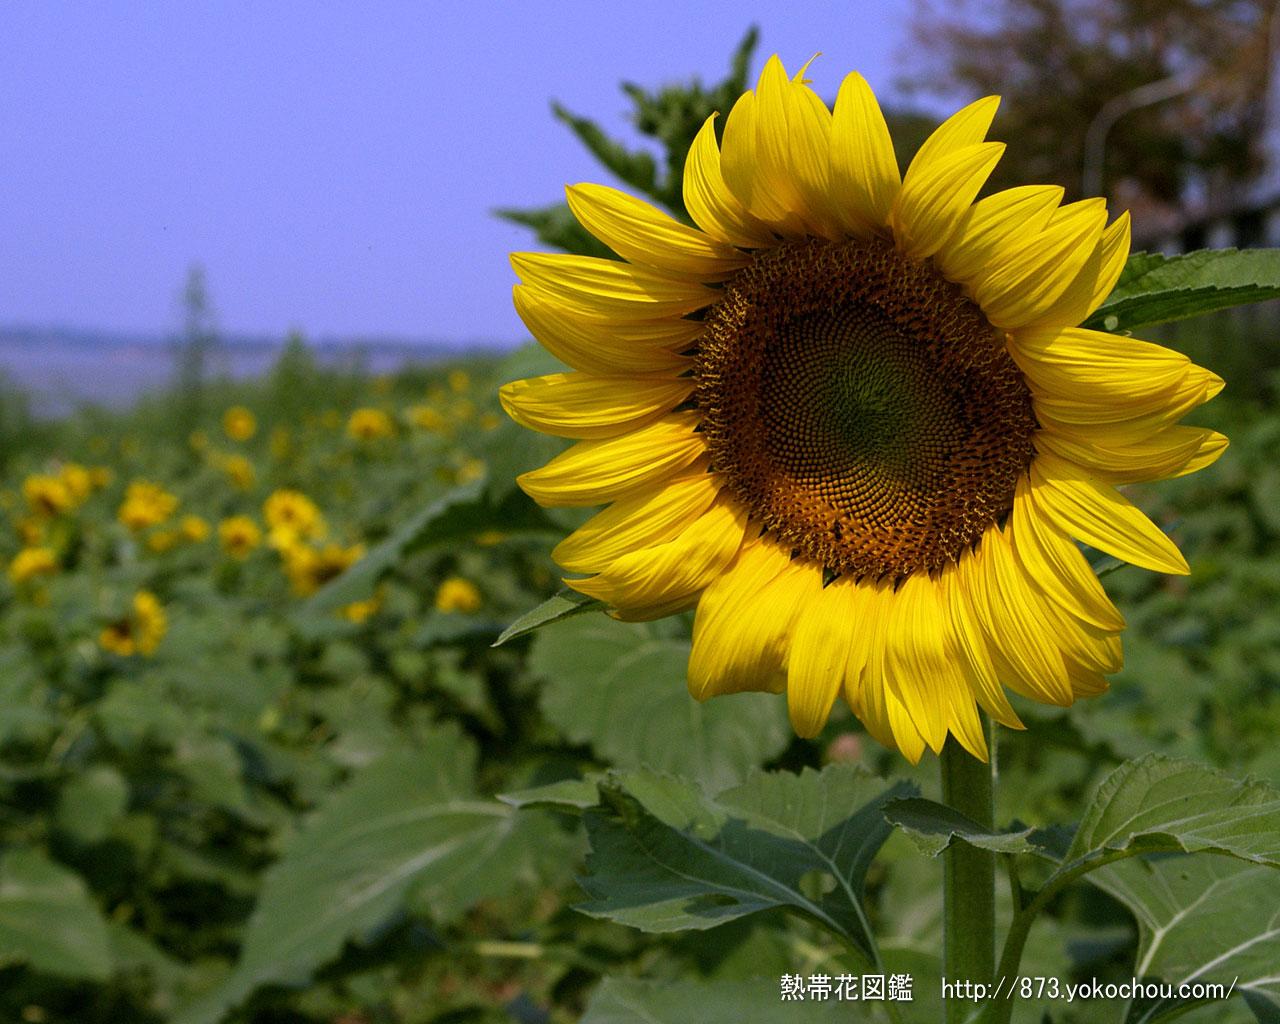 ヒマワリ ひまわり 向日葵 591 壁紙写真 1280x1024